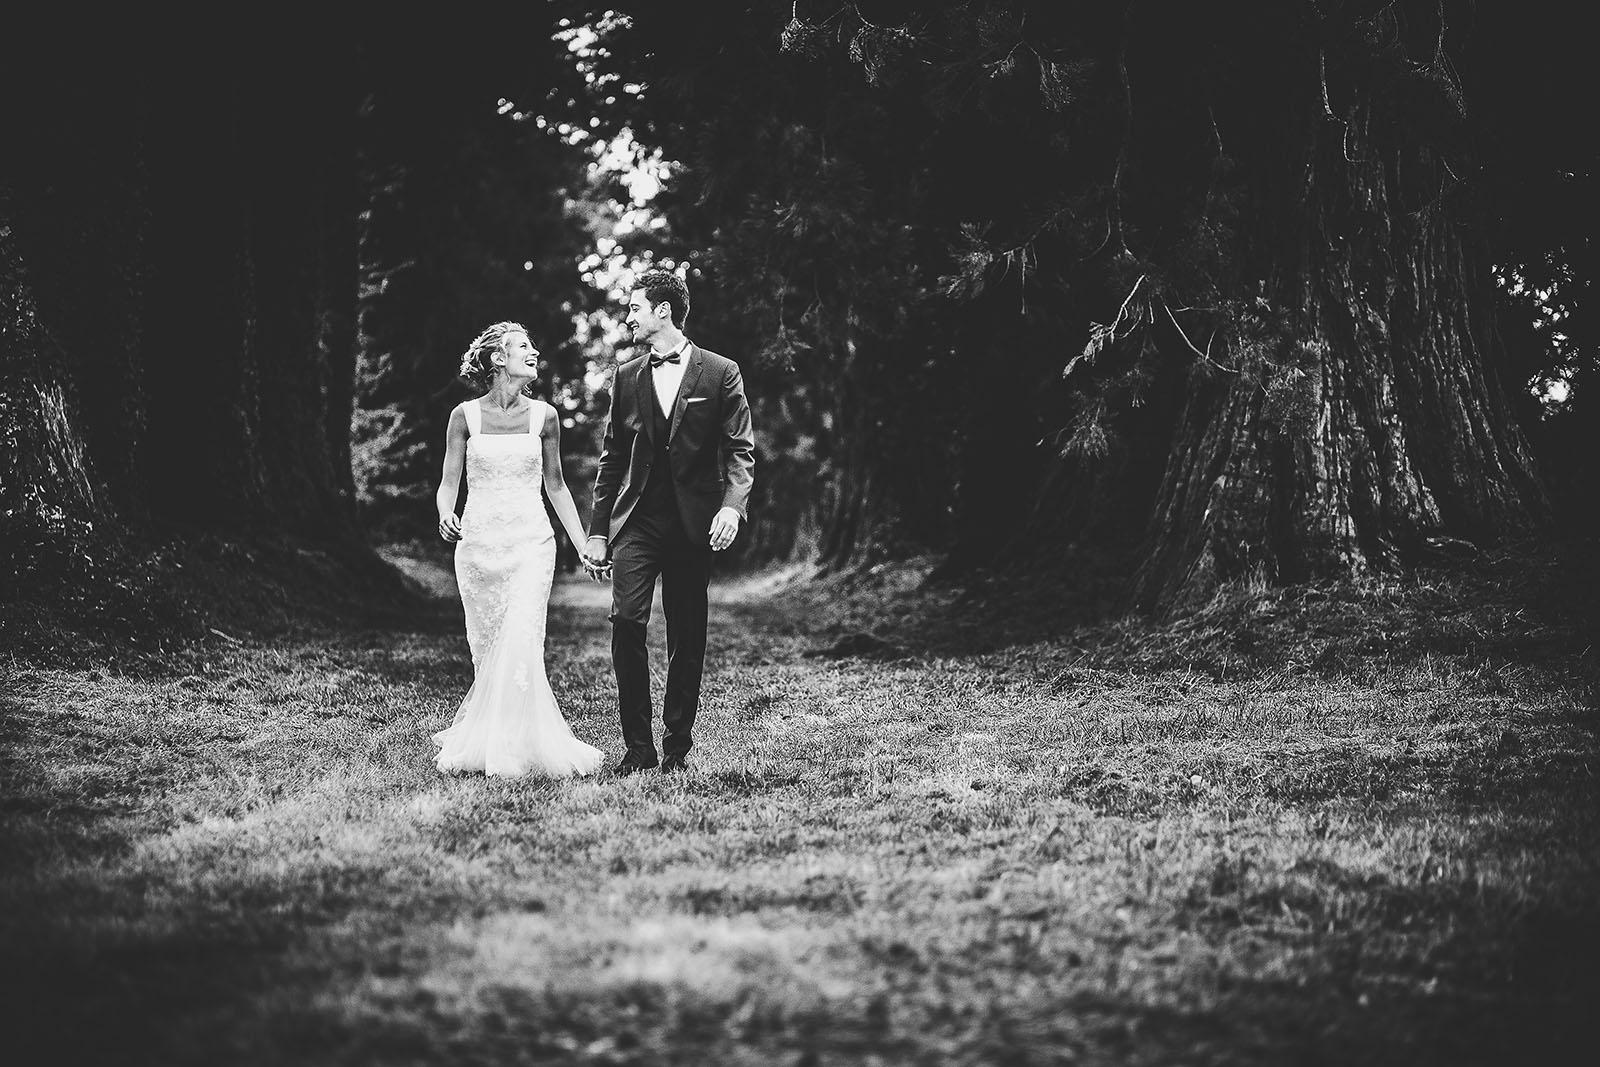 photographe-mariage-lyon-emotion-noir-blanc-intense-magnifique-lumiere-davidpommier (65)